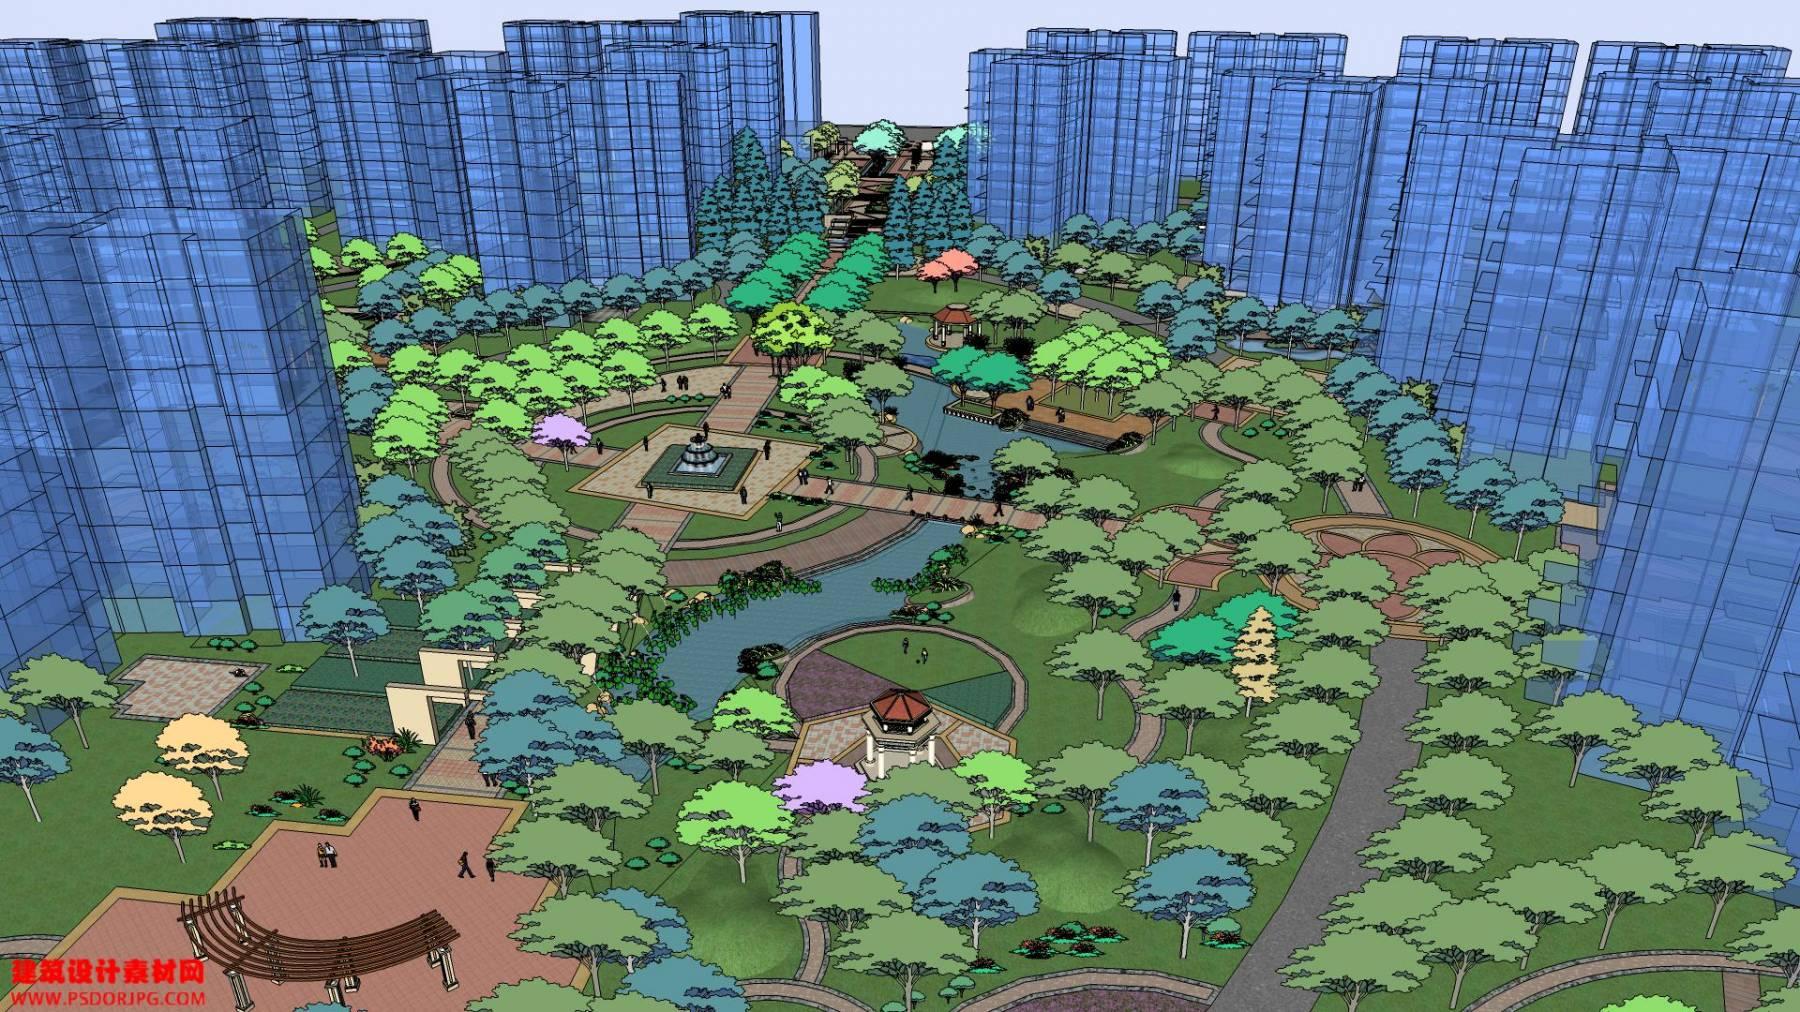 居住区 园林 景观31